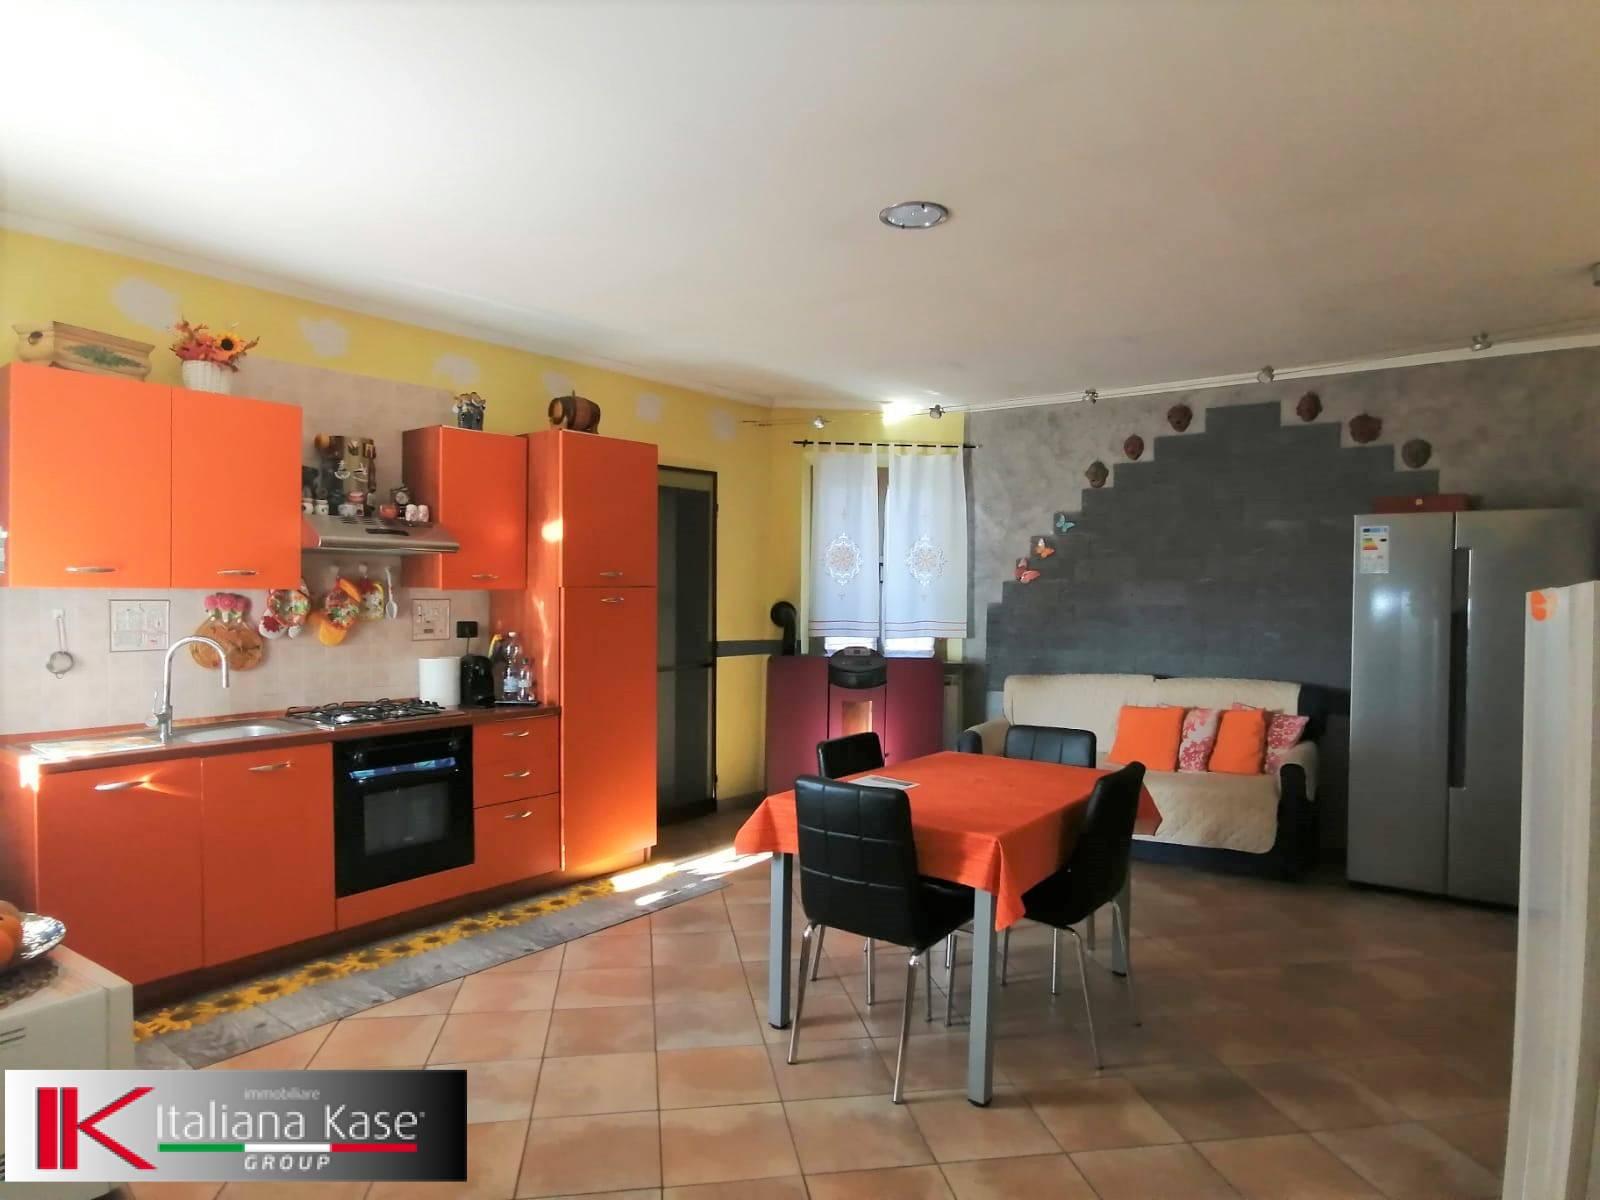 Appartamento in vendita a Caluso, 3 locali, prezzo € 57.000 | PortaleAgenzieImmobiliari.it